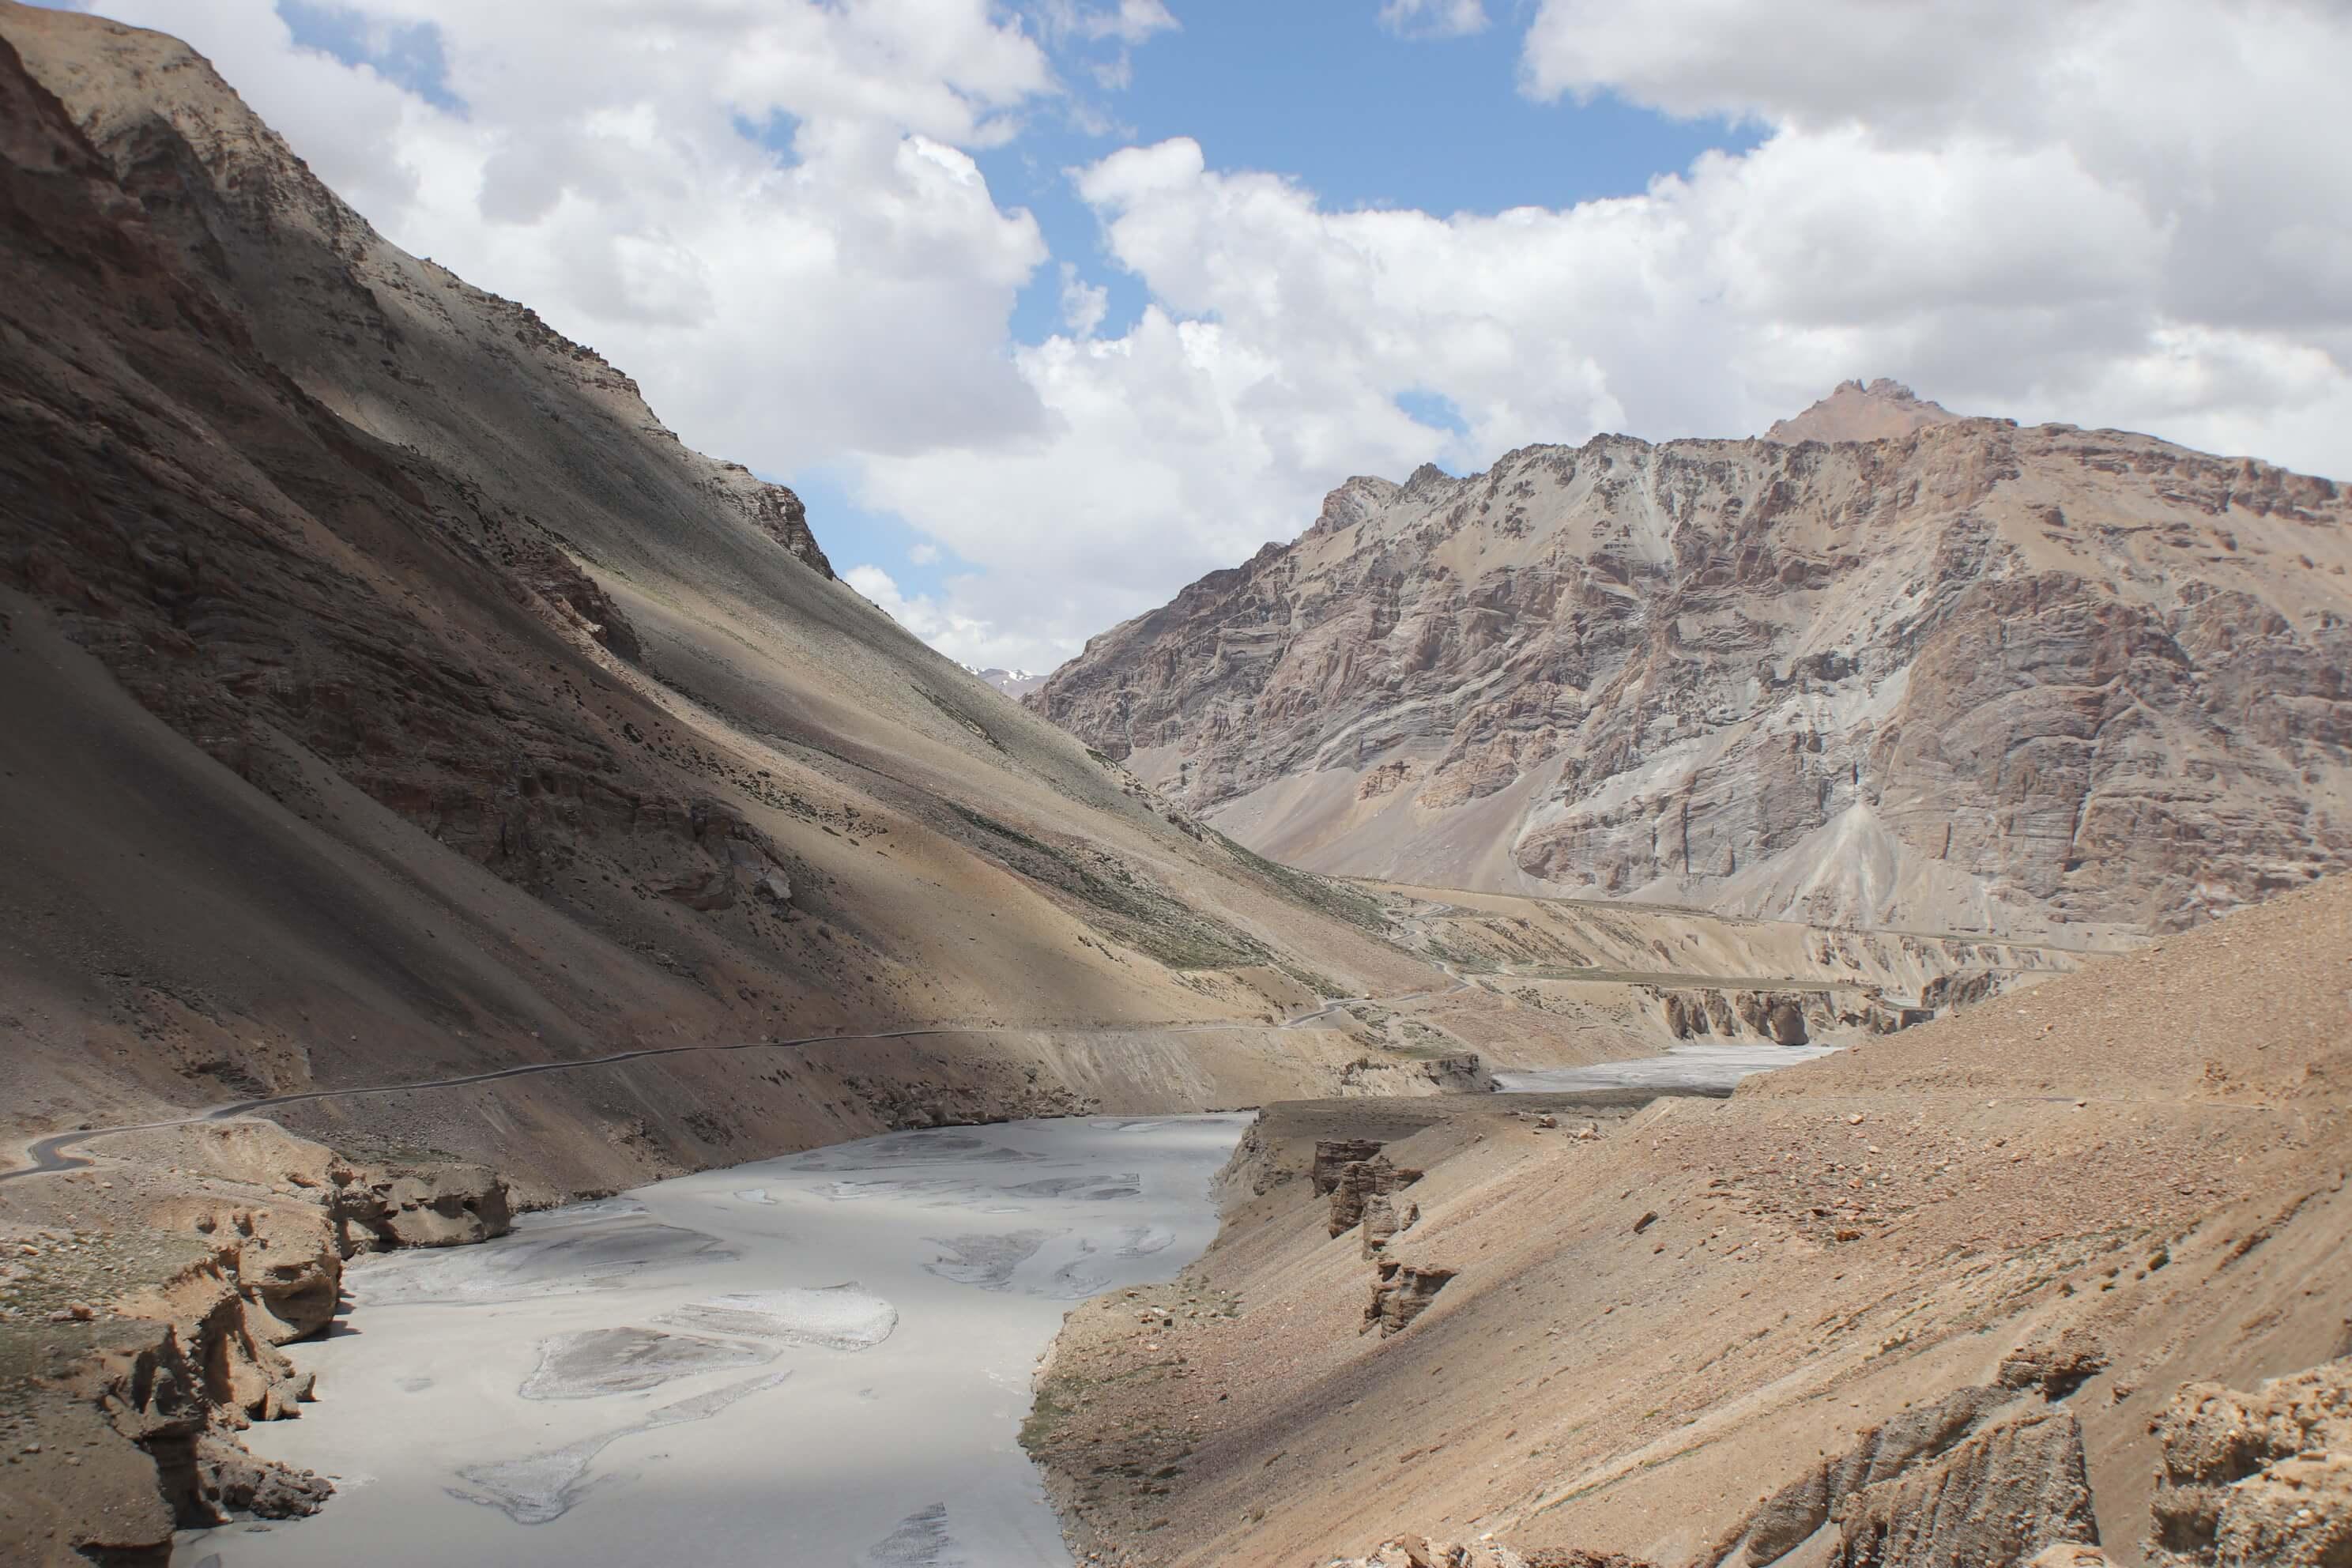 印度|喀什米爾 Kashmir|南亞火藥庫